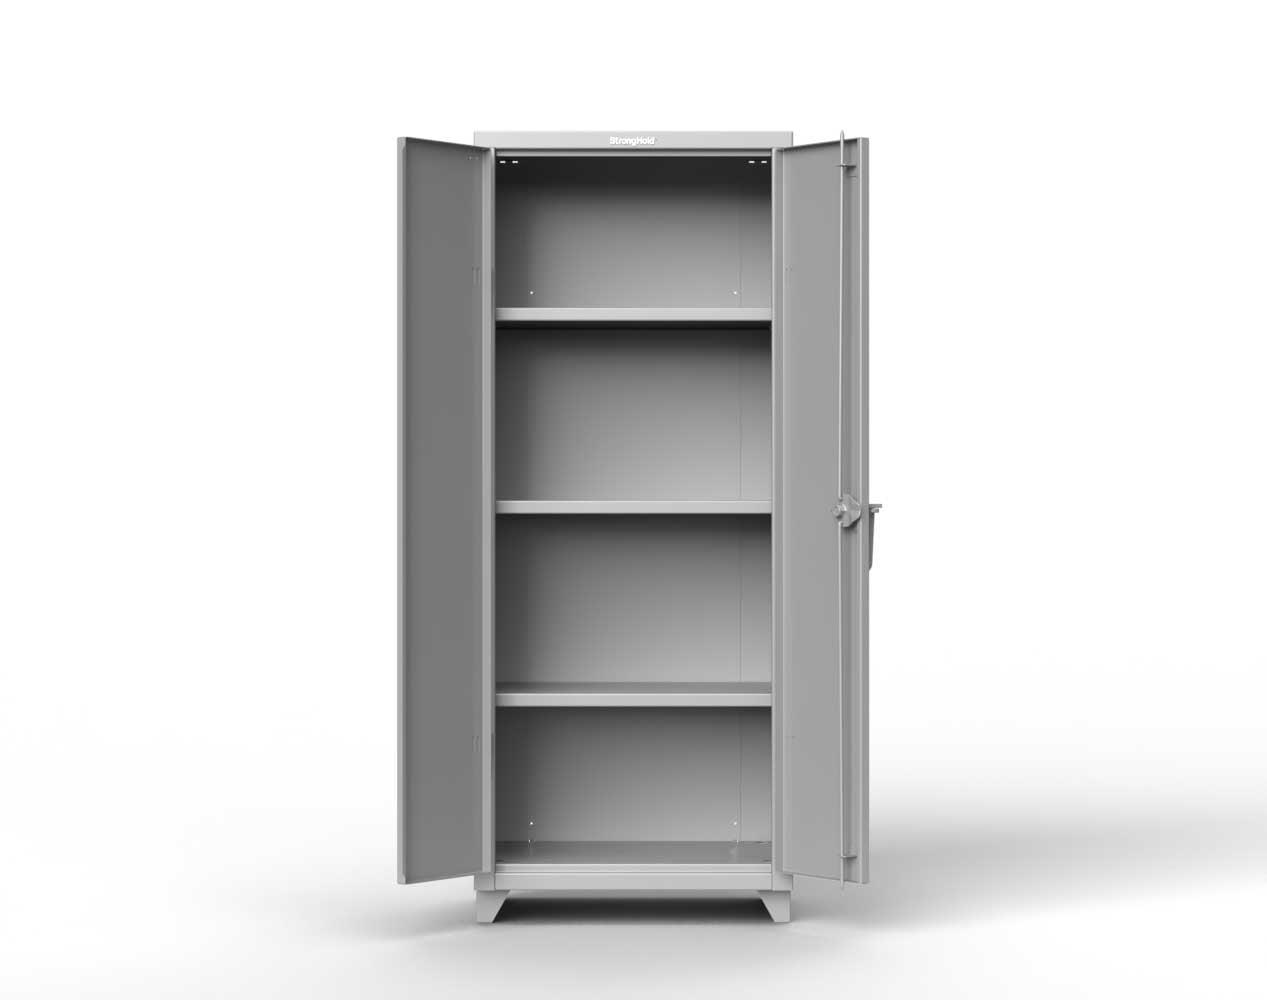 Heavy Duty 14 GA Cabinet with 3 Shelves – 30 in. W x 24 in. D x 75 in. H